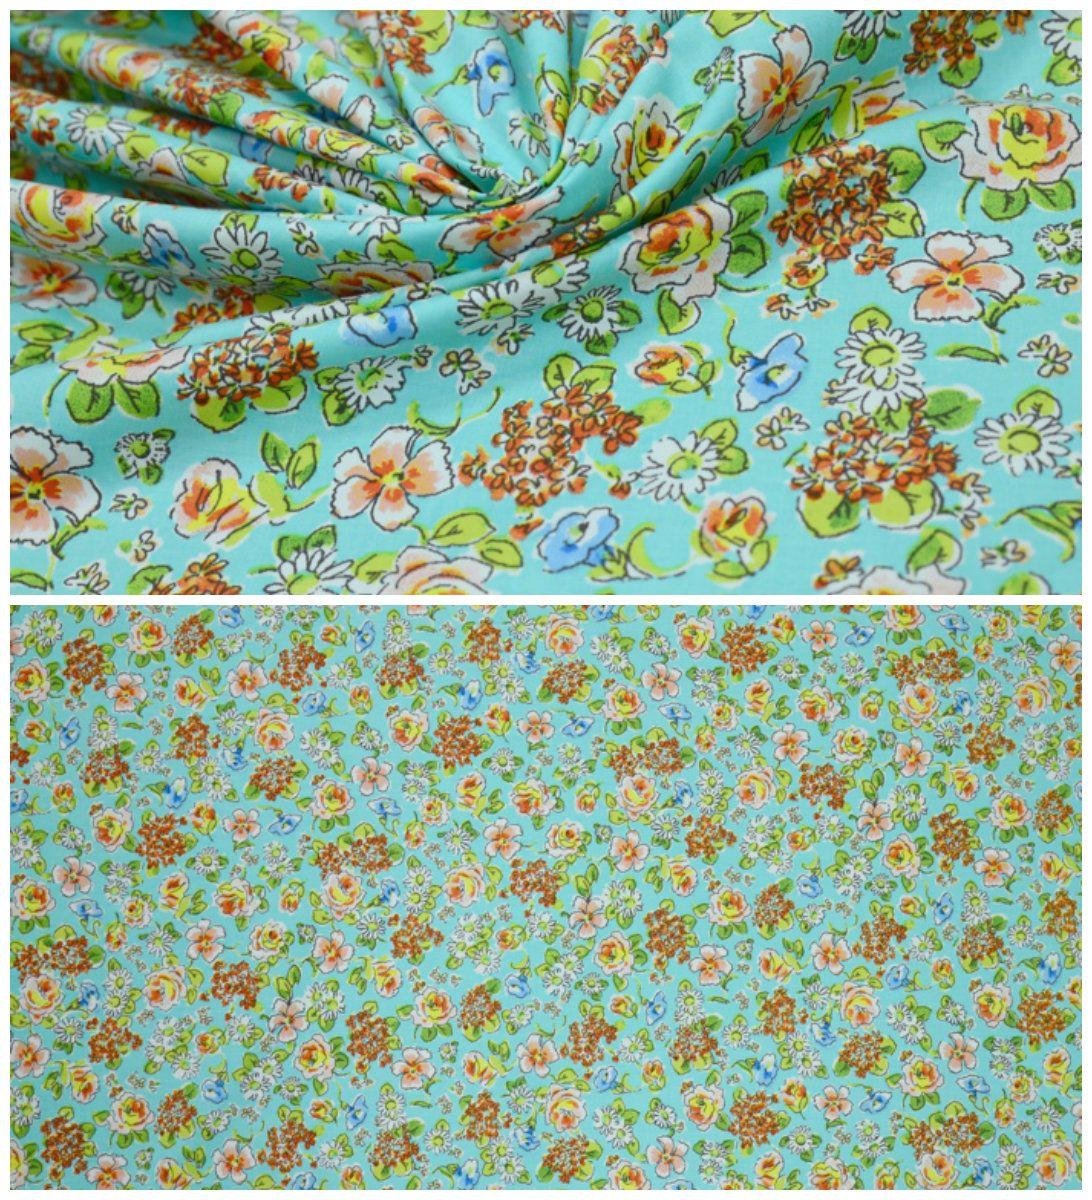 Хлопок  арт. 02-003-2663 Ширина: 141 см, плотность: 155 г/м2 Состав ткани: 96% хлопок 4% эластан #хлопок#эластан#бирюзовый#цветочки#мелкий принт#блузочная#плательная#tutti-tessuti